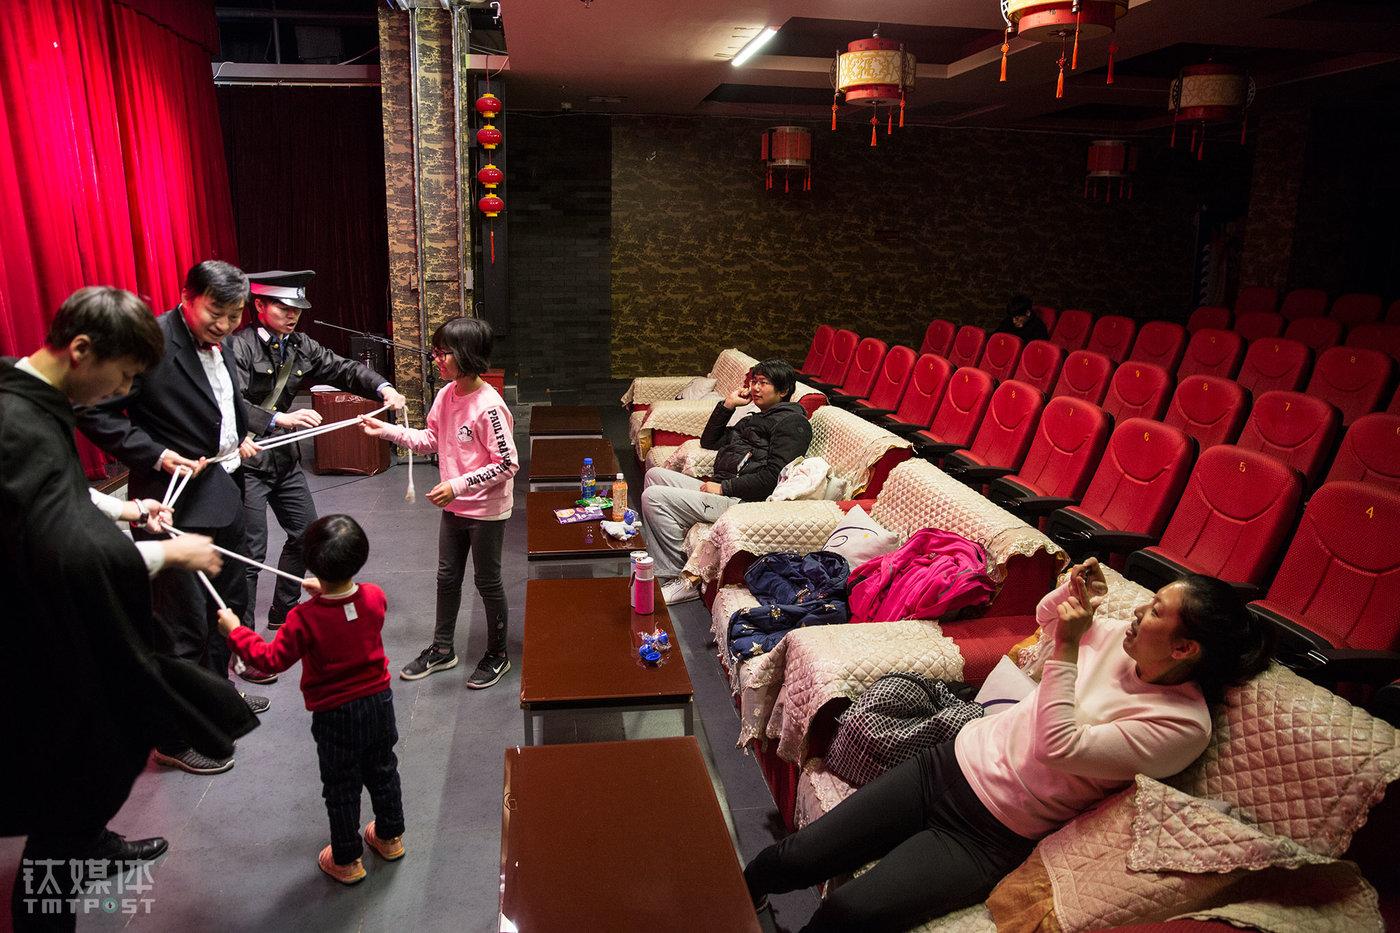 """这个儿童剧有魔术互动的环节,演员们邀请了现场仅有的两个孩子上台互动。138个座位,只来了4个观众。这天周六,除了上午的儿童剧,下午和晚上分别有两场《夏姬罢演》。""""演员的水平差距有点大,必须多演才能磨出来。""""宋怡辰表示,剧场也有房租成本,要多演才能多多卖几张票,""""最开始做遇到过只有1个观众的场次,他来了之后看到只有1个人就准备走,结果被我们拉住,他还以为我们是搞传销的。"""""""